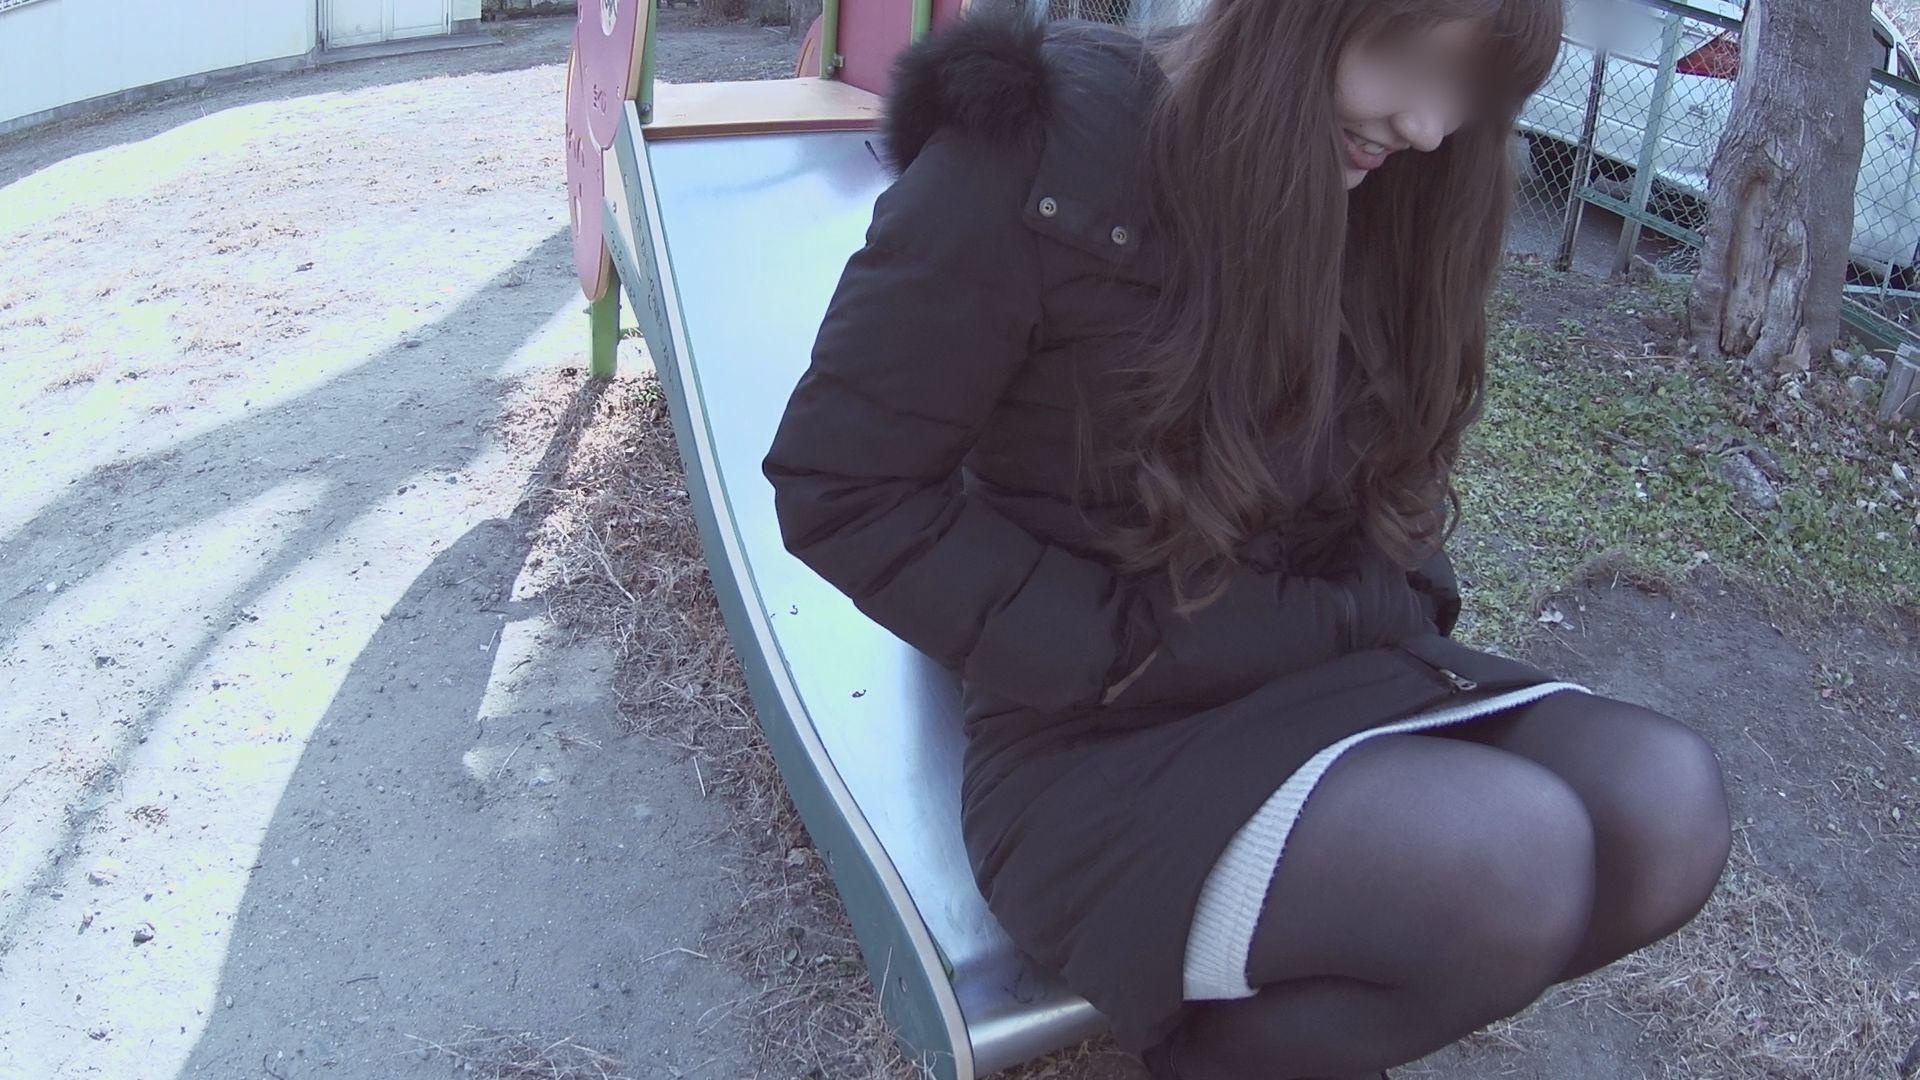 FC2 PPV 1066272 【無修正x個人撮影】ご近所さん SNSで繋がった普通なオンナの娘お誘い成功!脱がせてみたら綺麗な肌のナイスバディだった。【#裏垢】